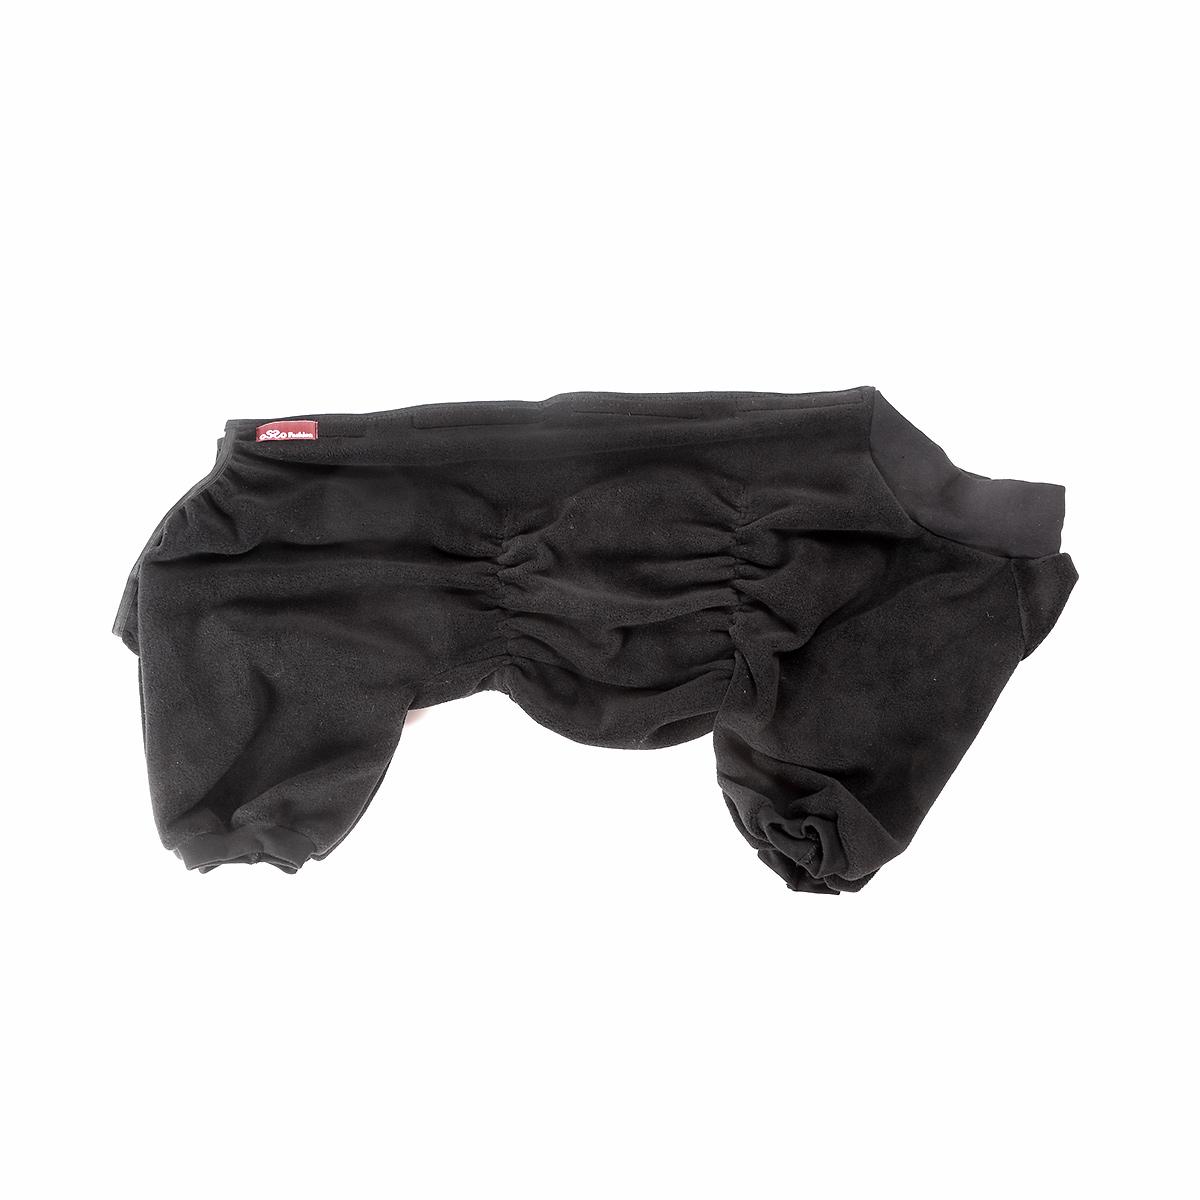 Комбинезон для собак OSSO Fashion, для мальчика, цвет: графит. Размер 32Кф-1008Комбинезон для собак OSSO Fashion выполнен из флиса. Комфортная посадка по корпусу достигается за счет резинок-утяжек под грудью и животом. На воротнике имеются завязки, для дополнительной фиксации. Можно носить самостоятельно и как поддевку под комбинезон для собак. Изделие отлично стирается, быстро сохнет.Длина спинки: 32 см.Объем груди: 40-50 см.